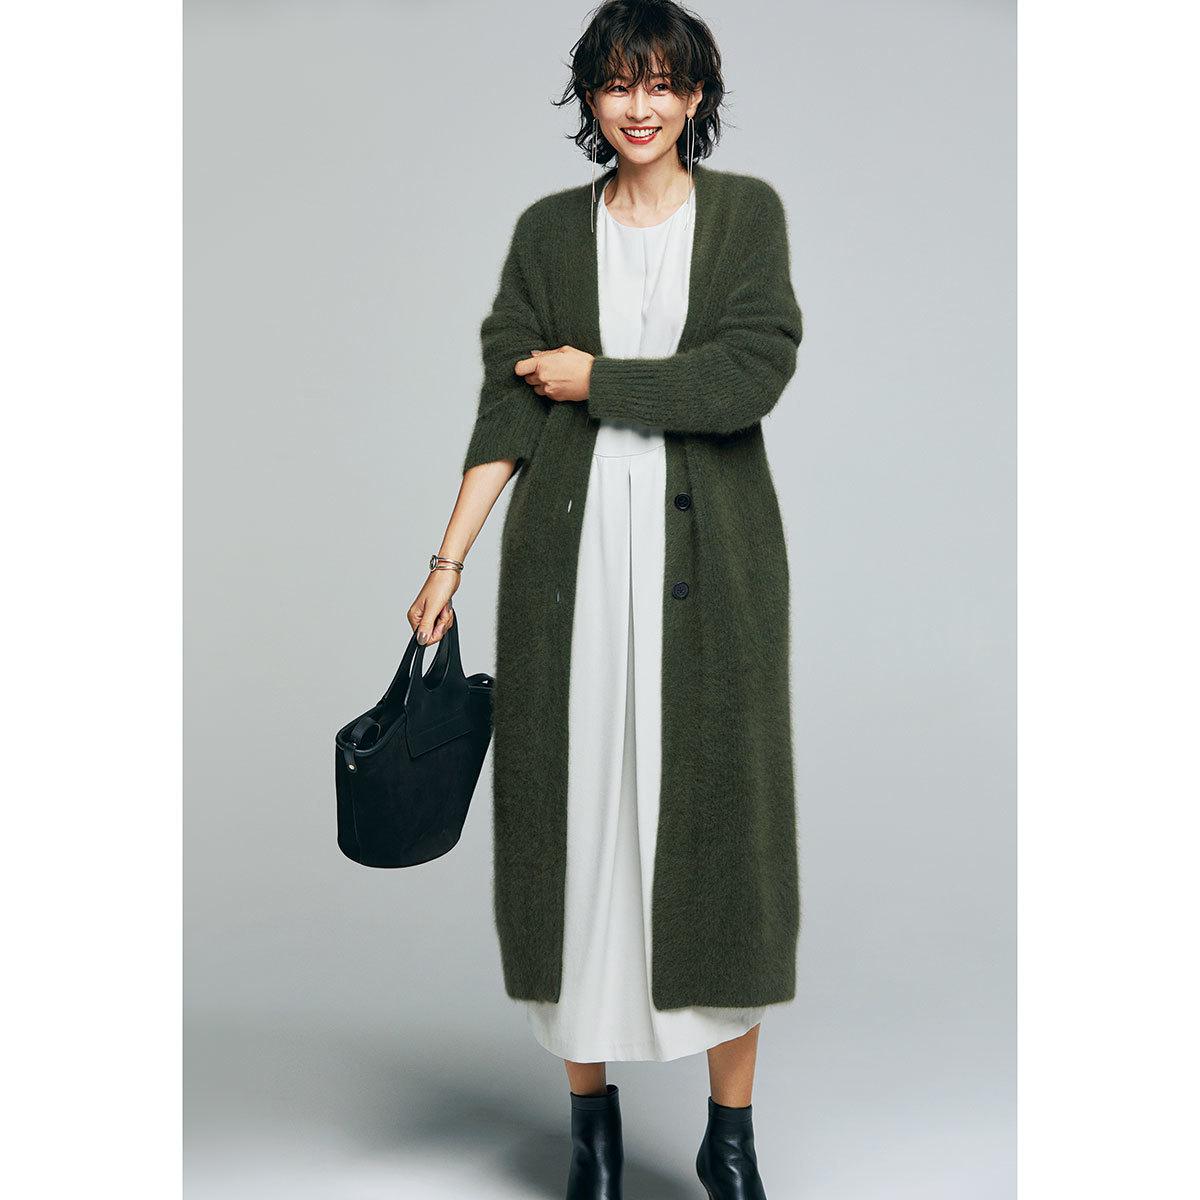 ふんわり素材のロングカーディガン×ワンピースコーデを着たモデルの五明祐子さん